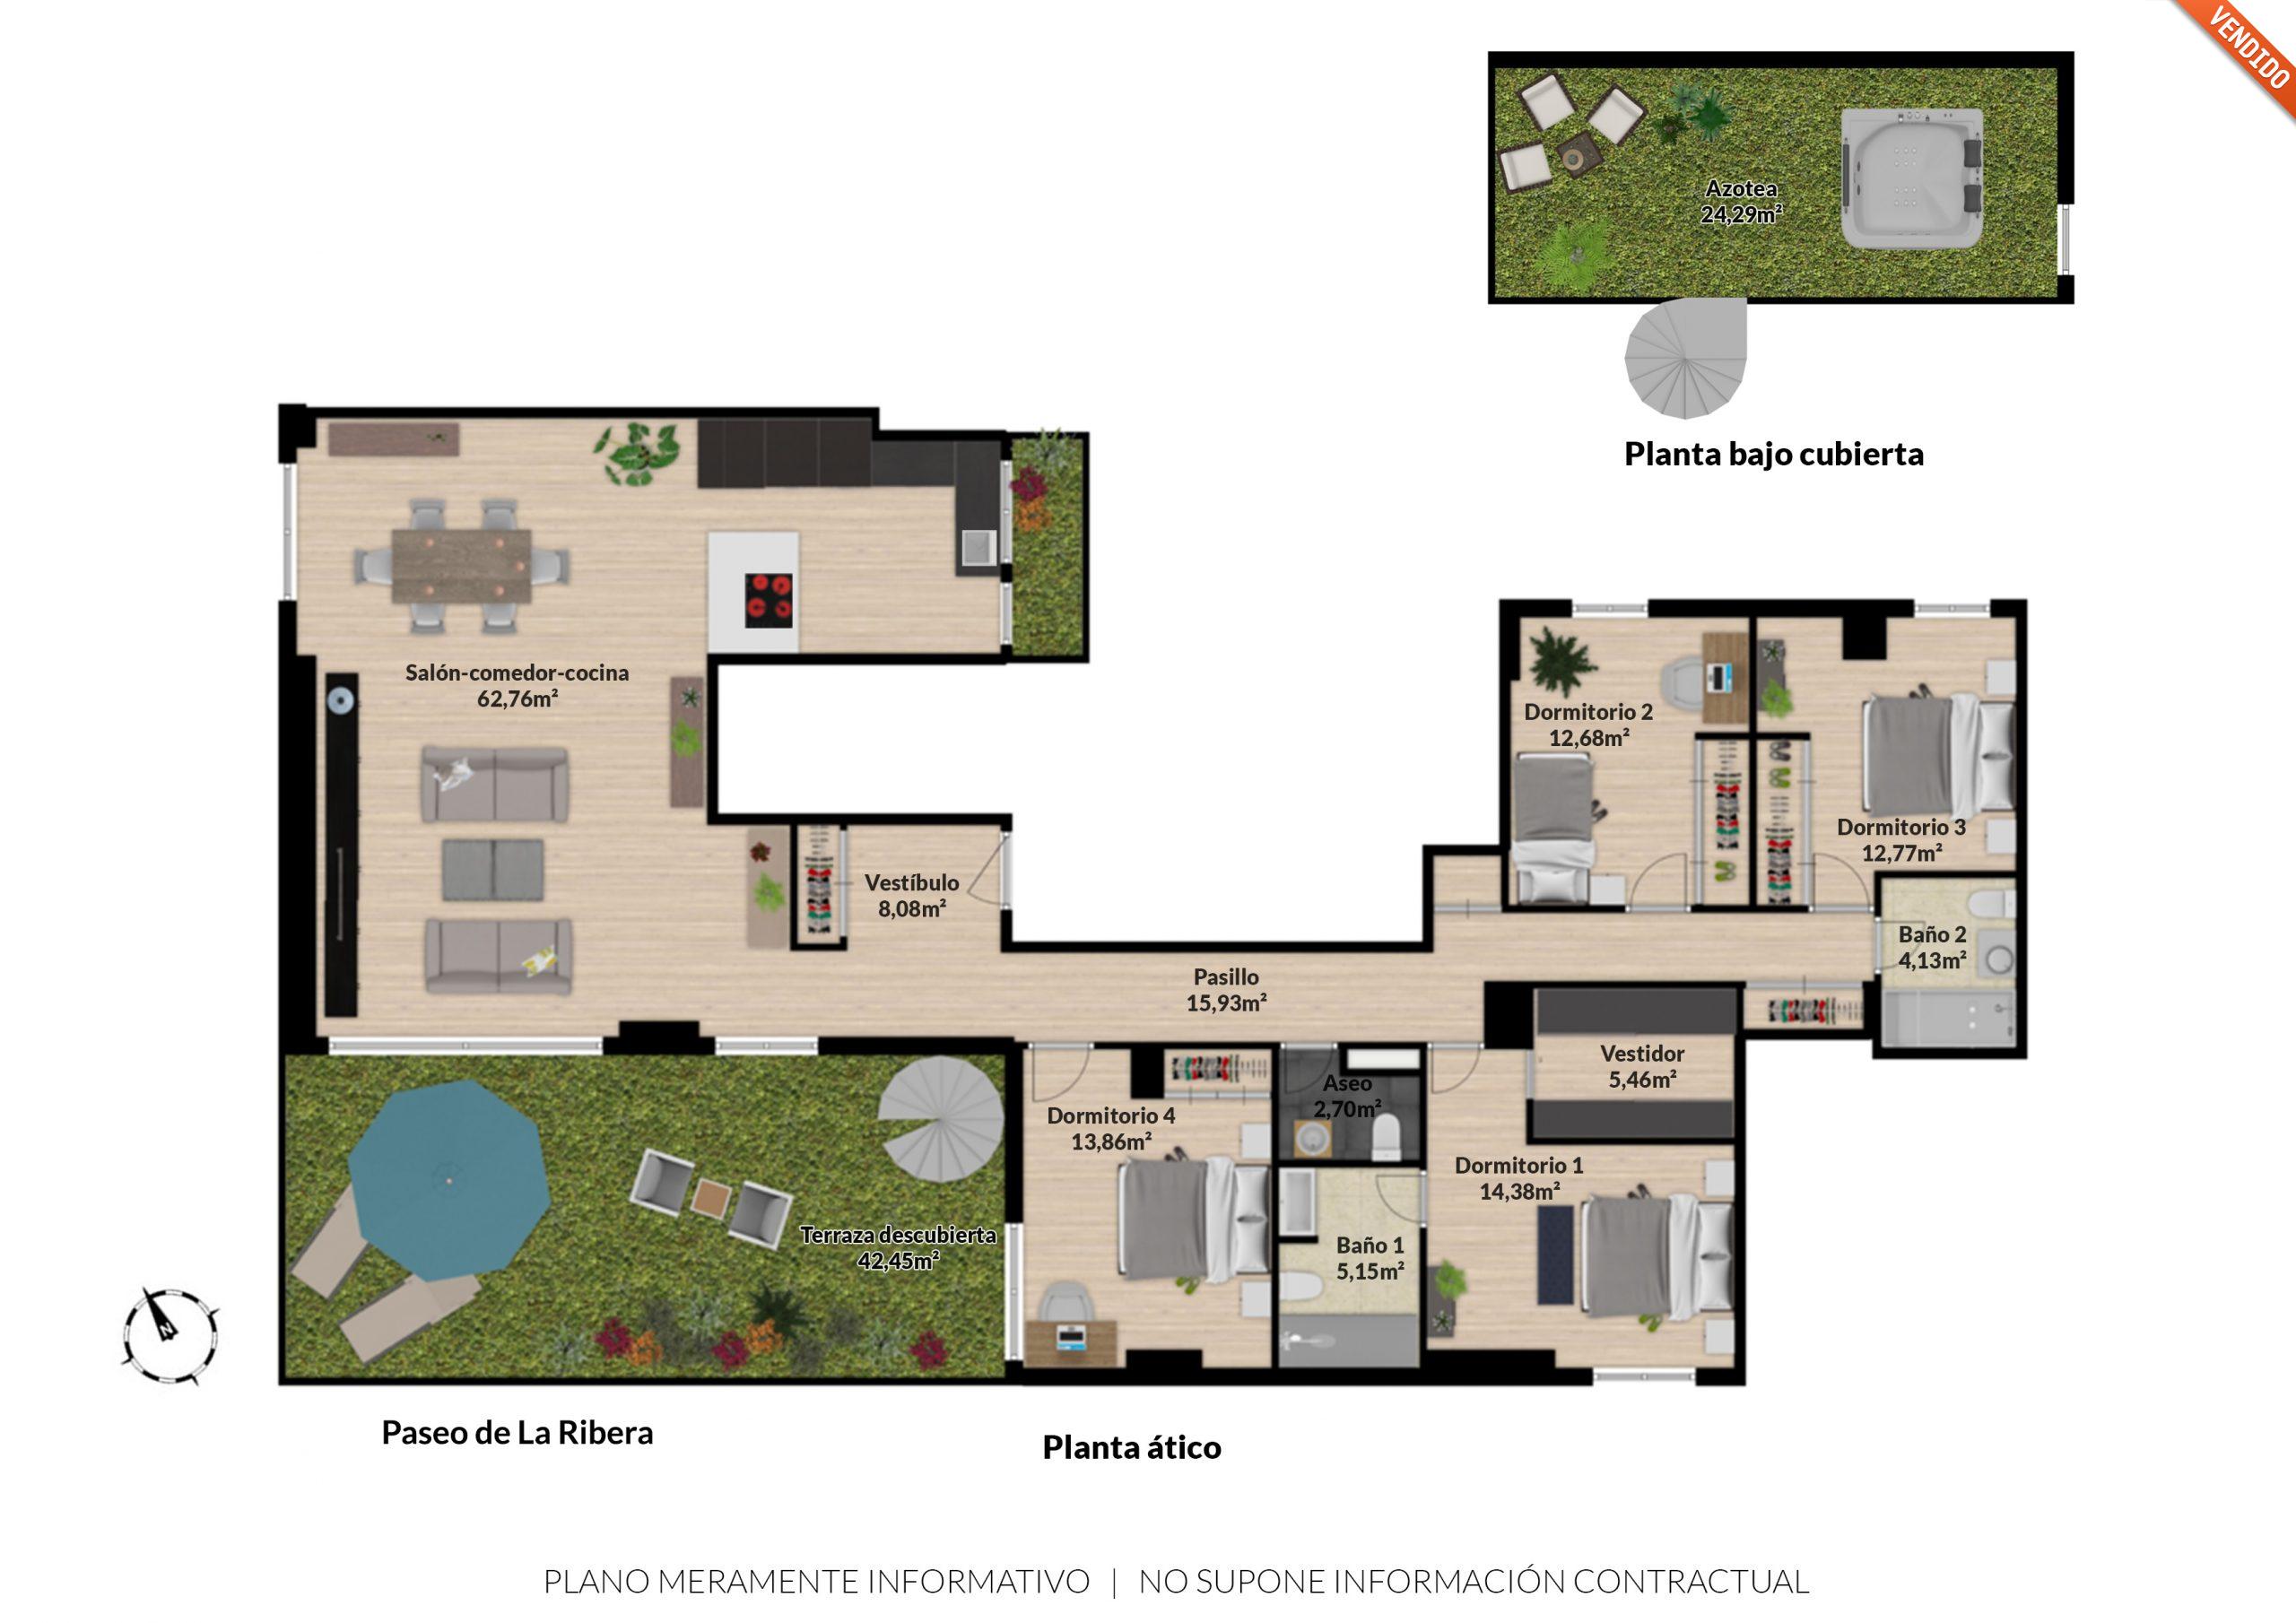 Plano de la propiedad